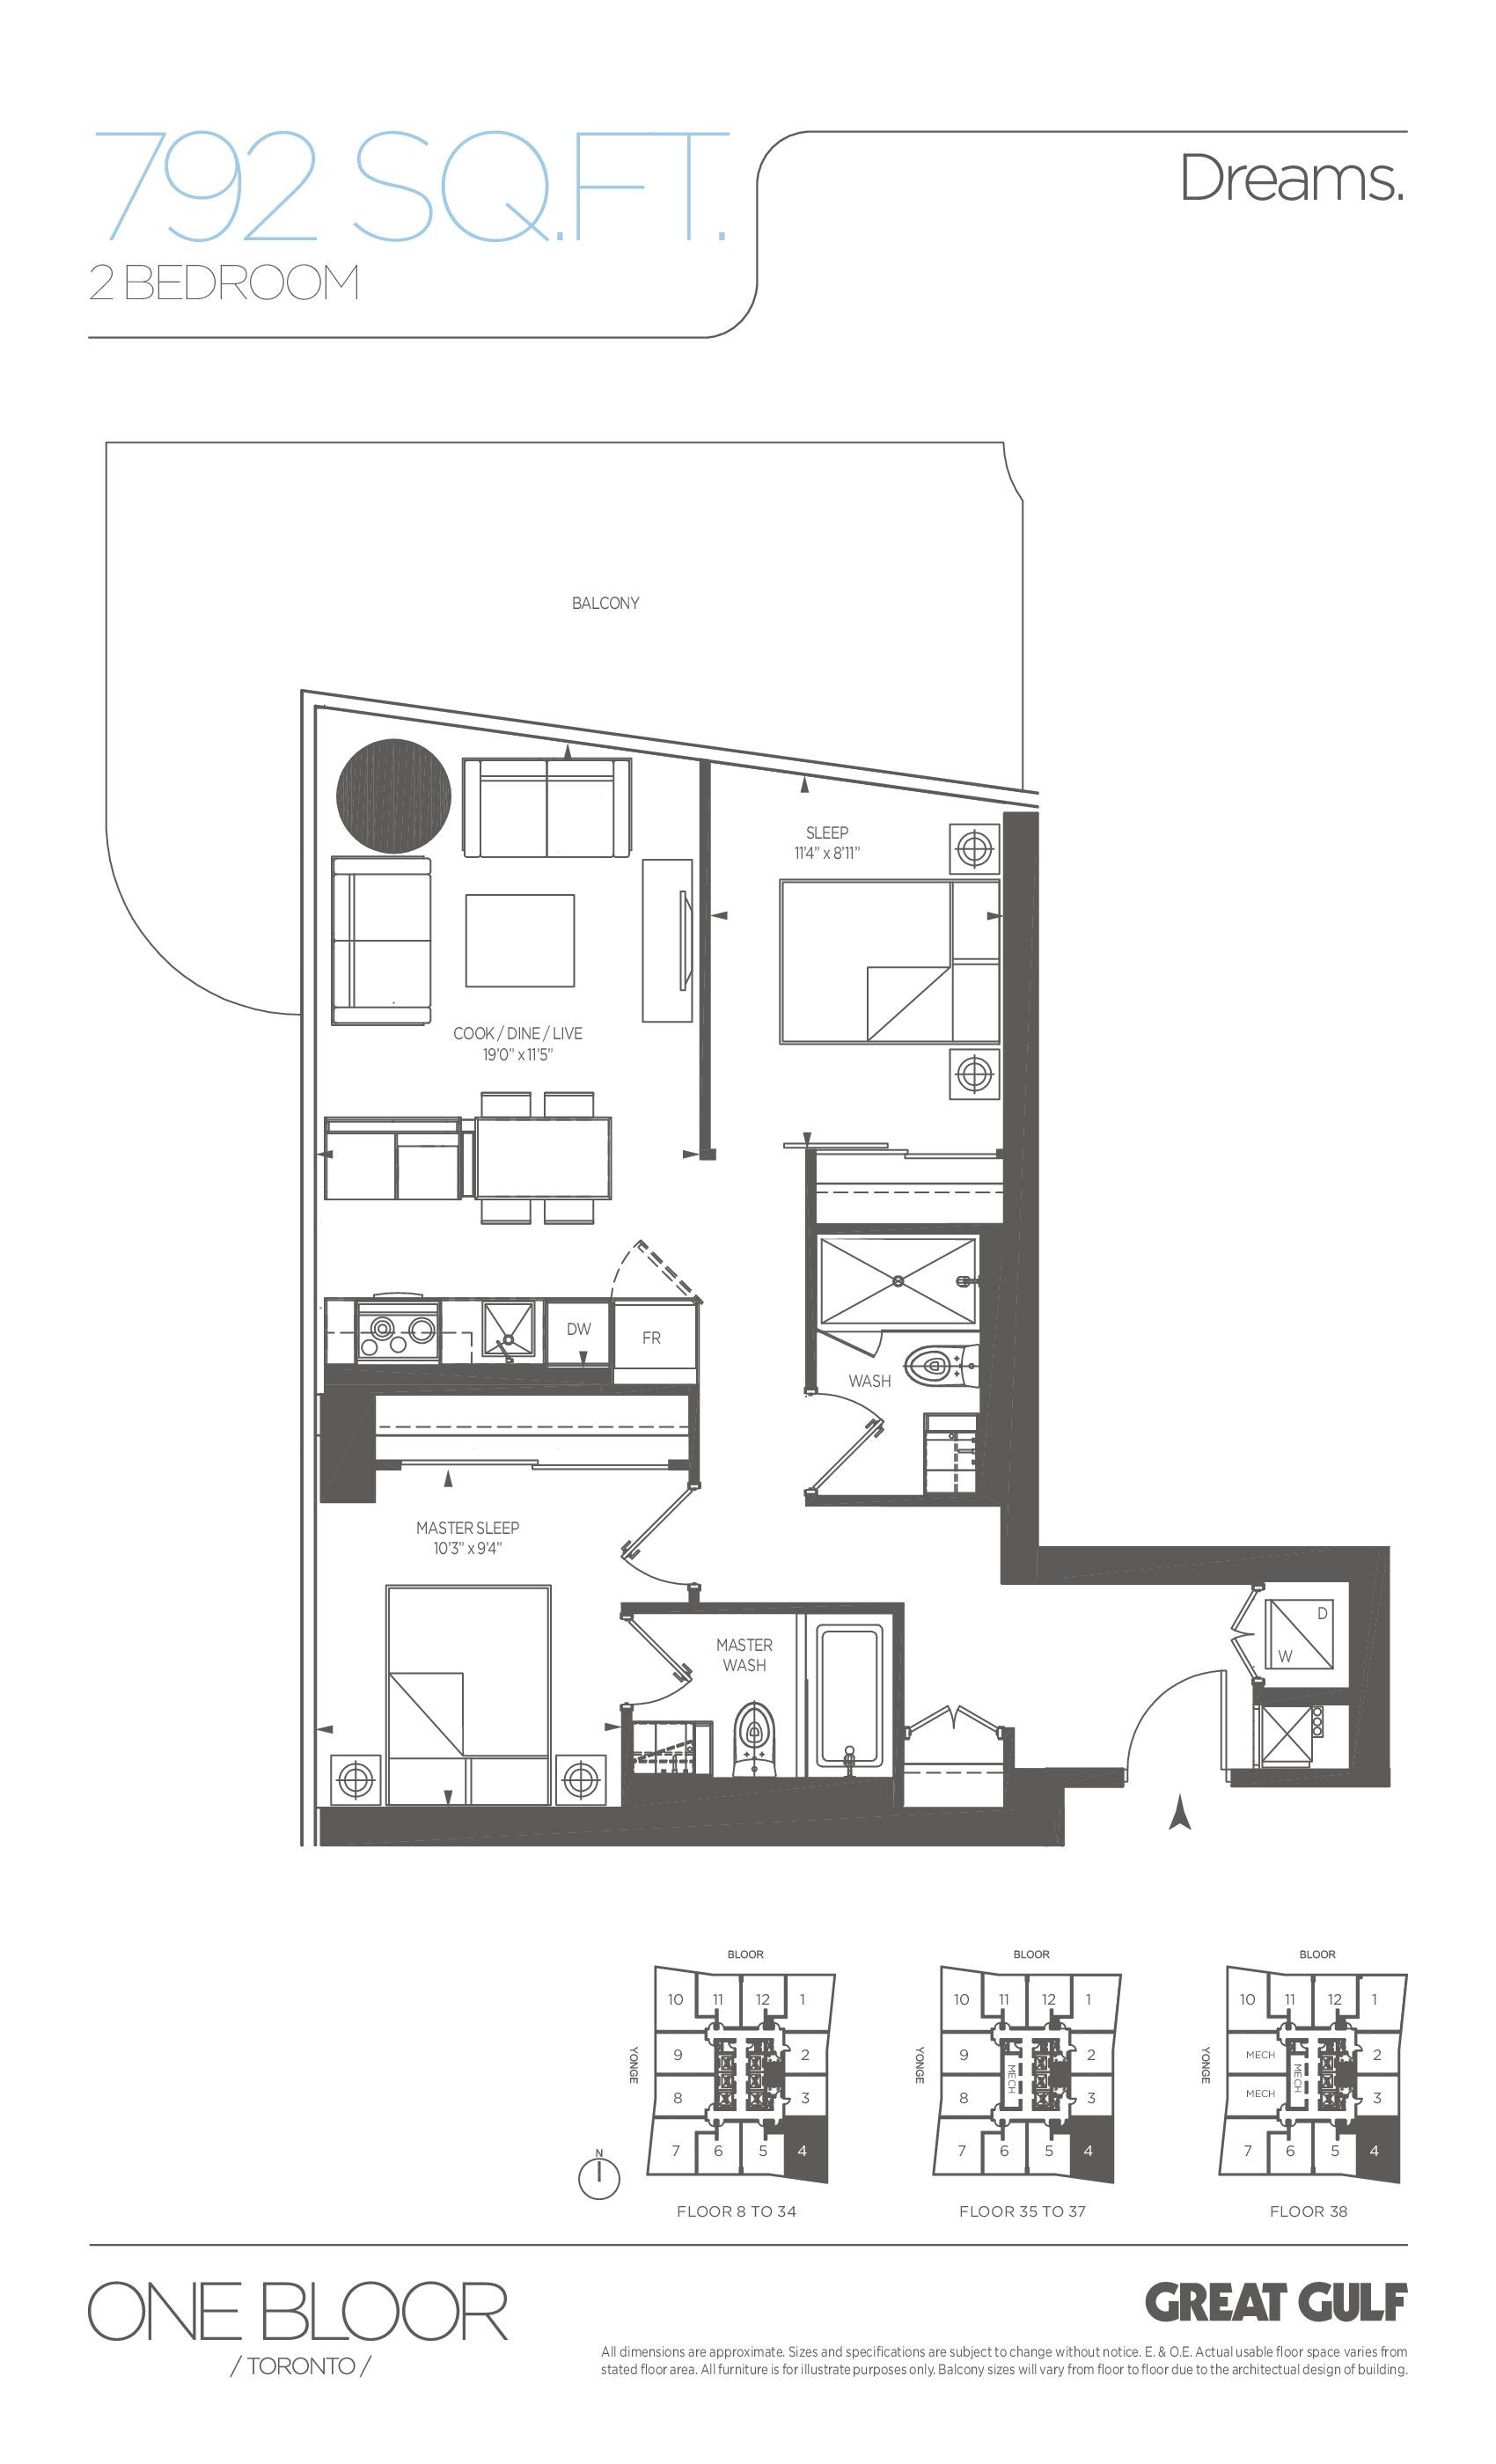 Dreams Floor Plan at One Bloor Condos - 792 sq.ft